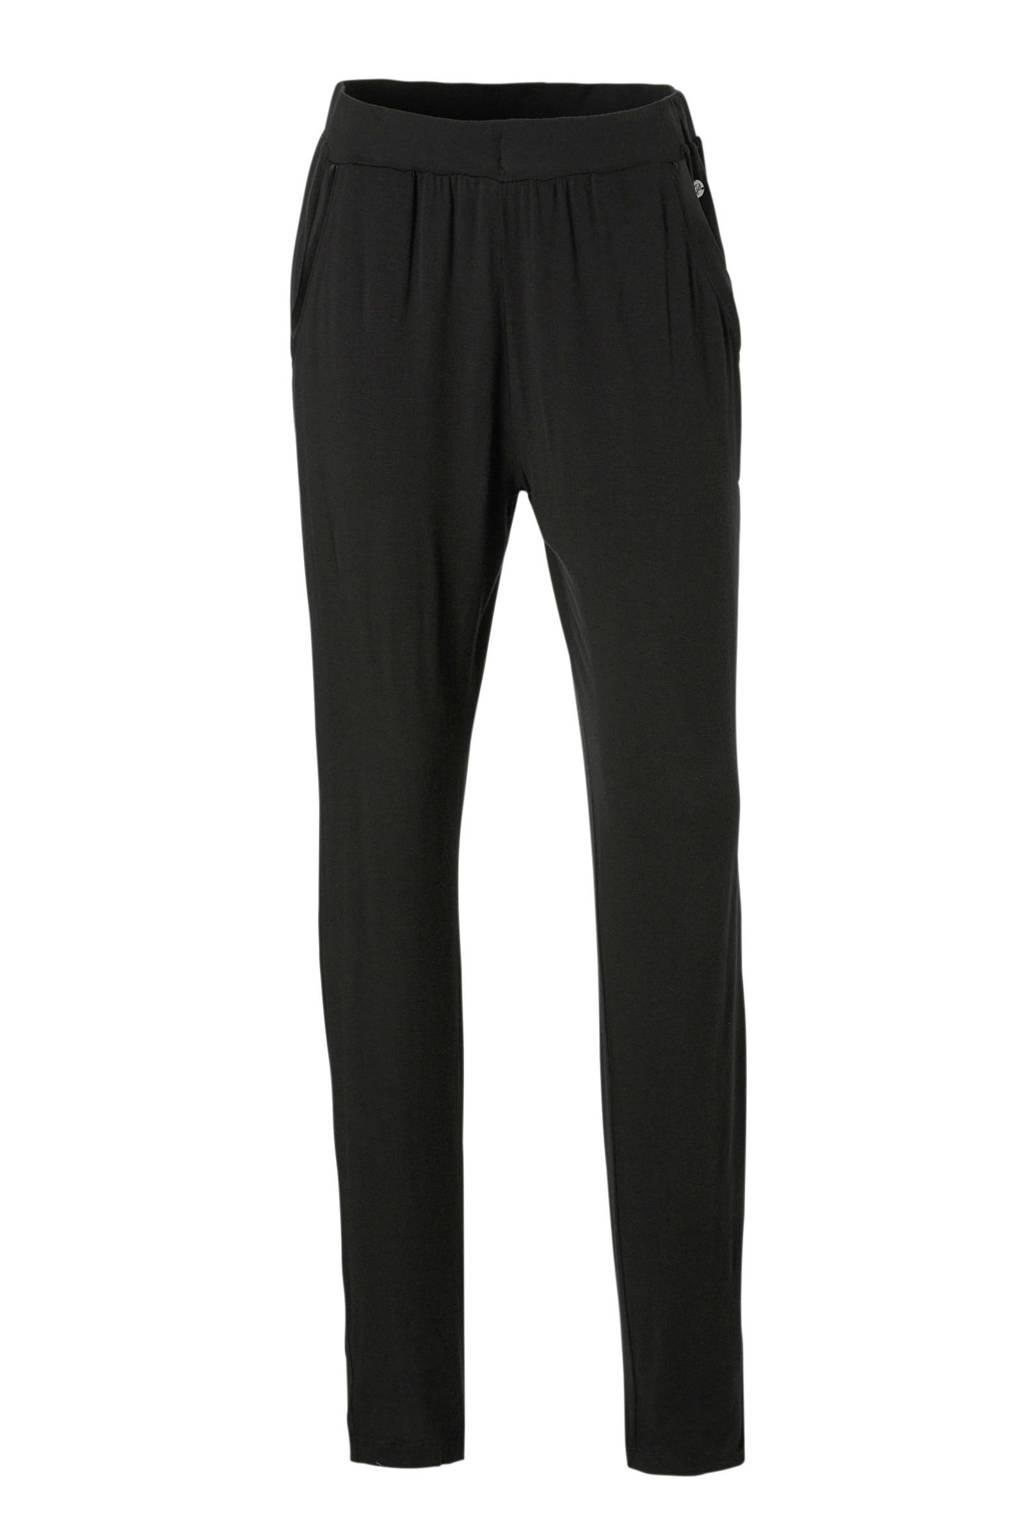 Pastunette Deluxe pyjamabroek zwart, Zwart